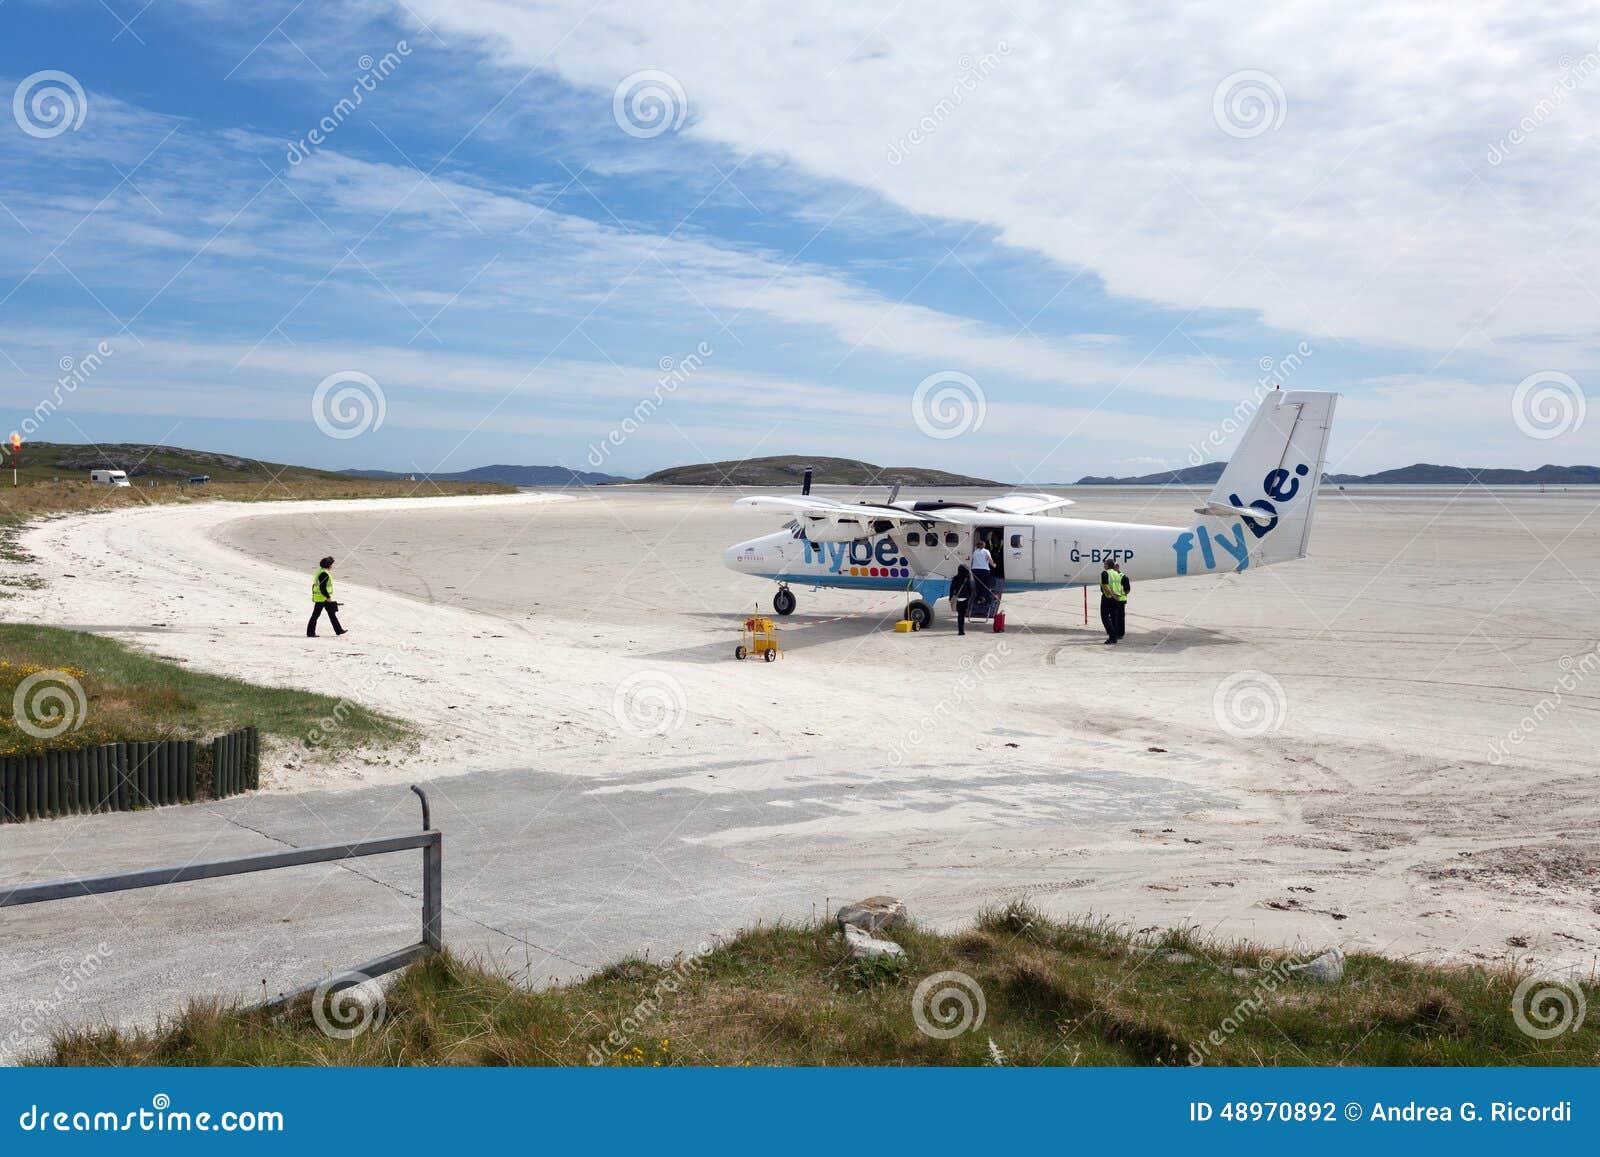 Piccolo aereo sulla pista sabbiosa di Barra Airport